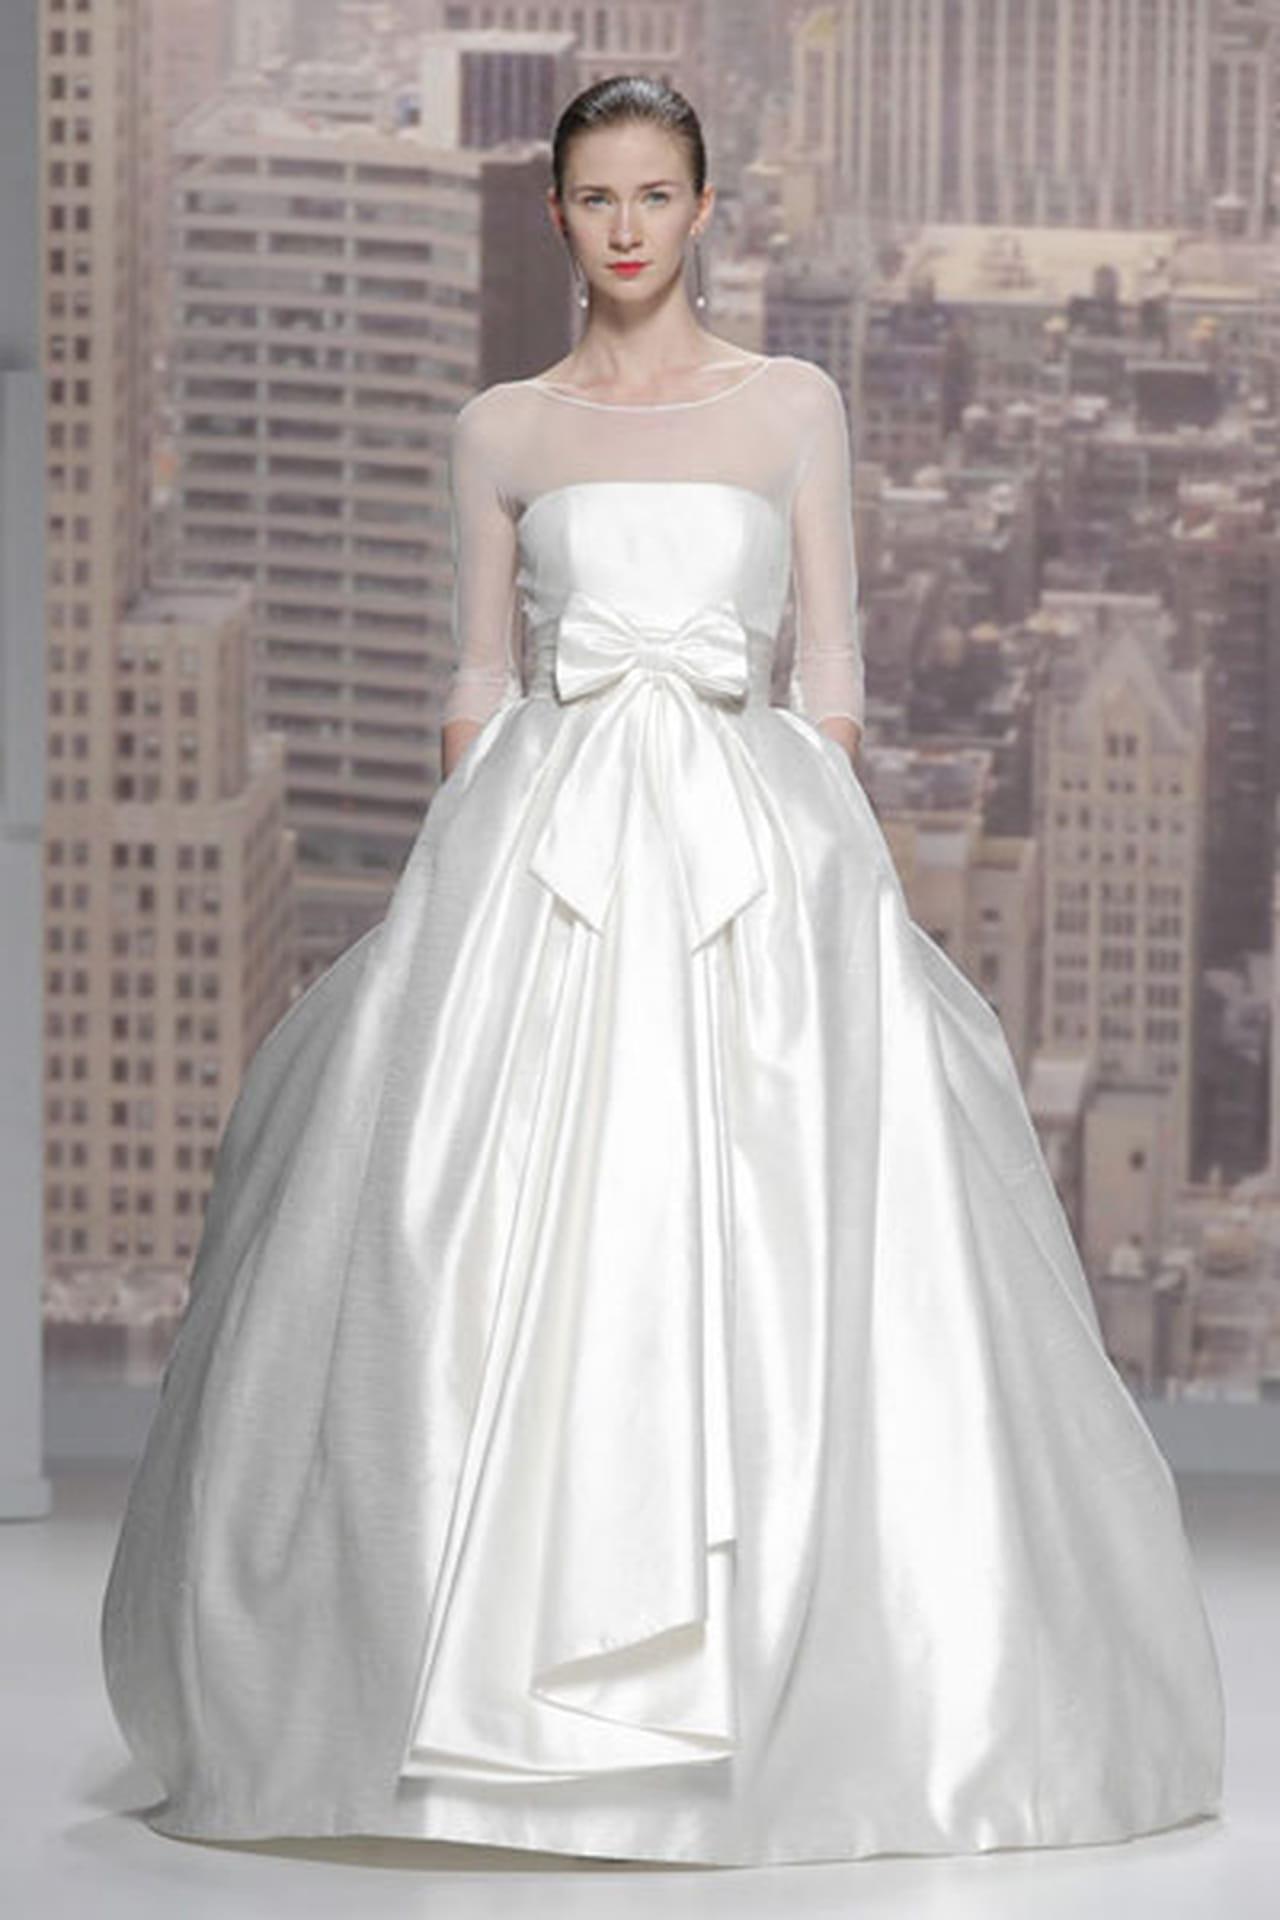 تصاميم حالمة في فساتين زفاف 820496